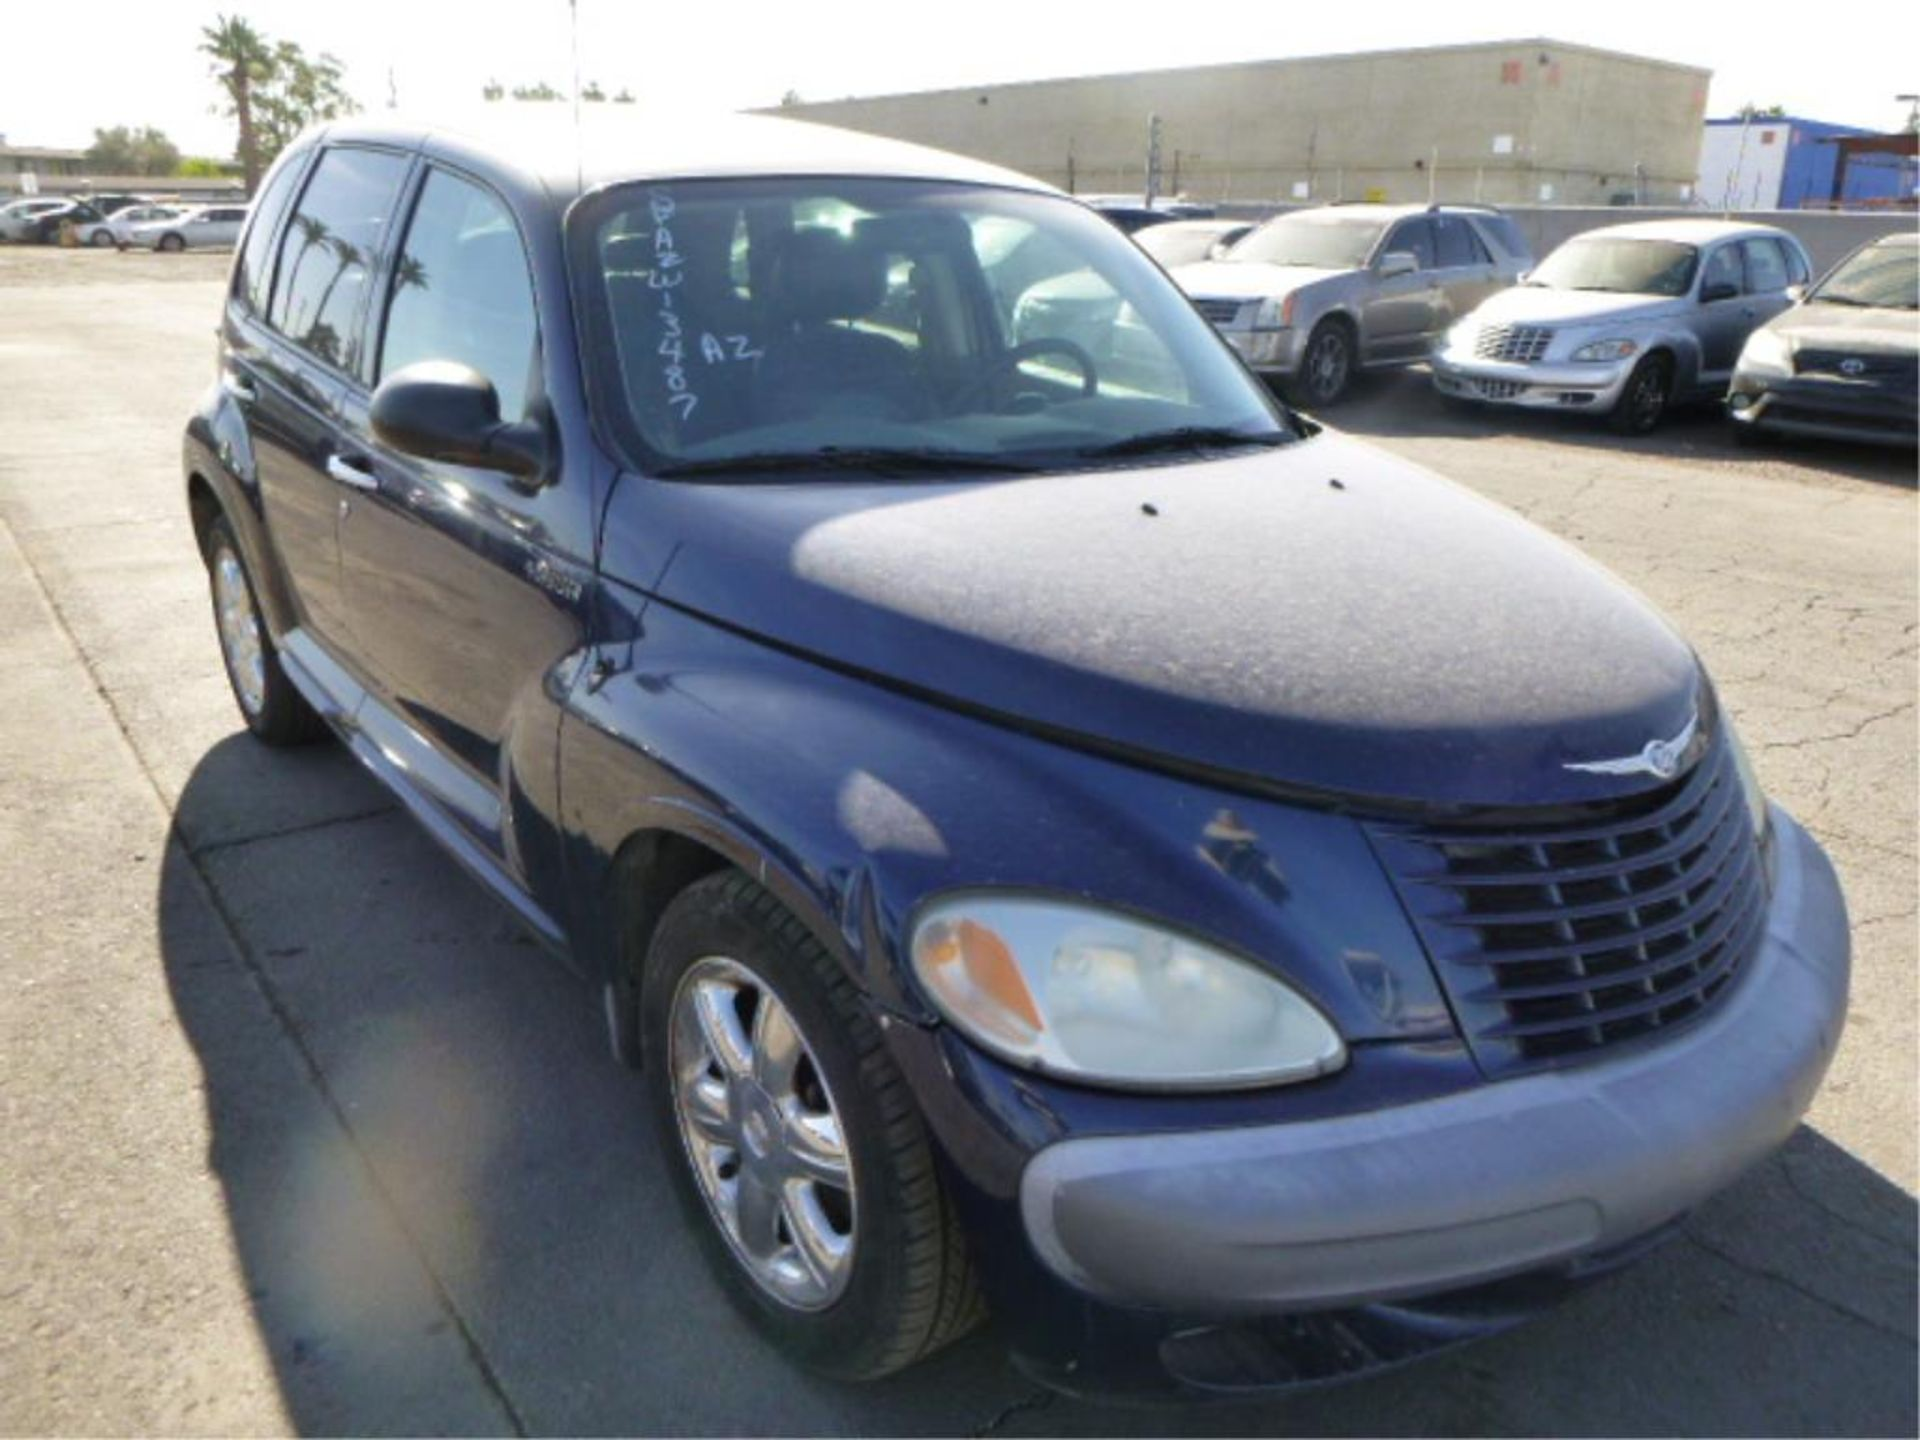 2002 Chrysler PT Cruiser - Image 3 of 14